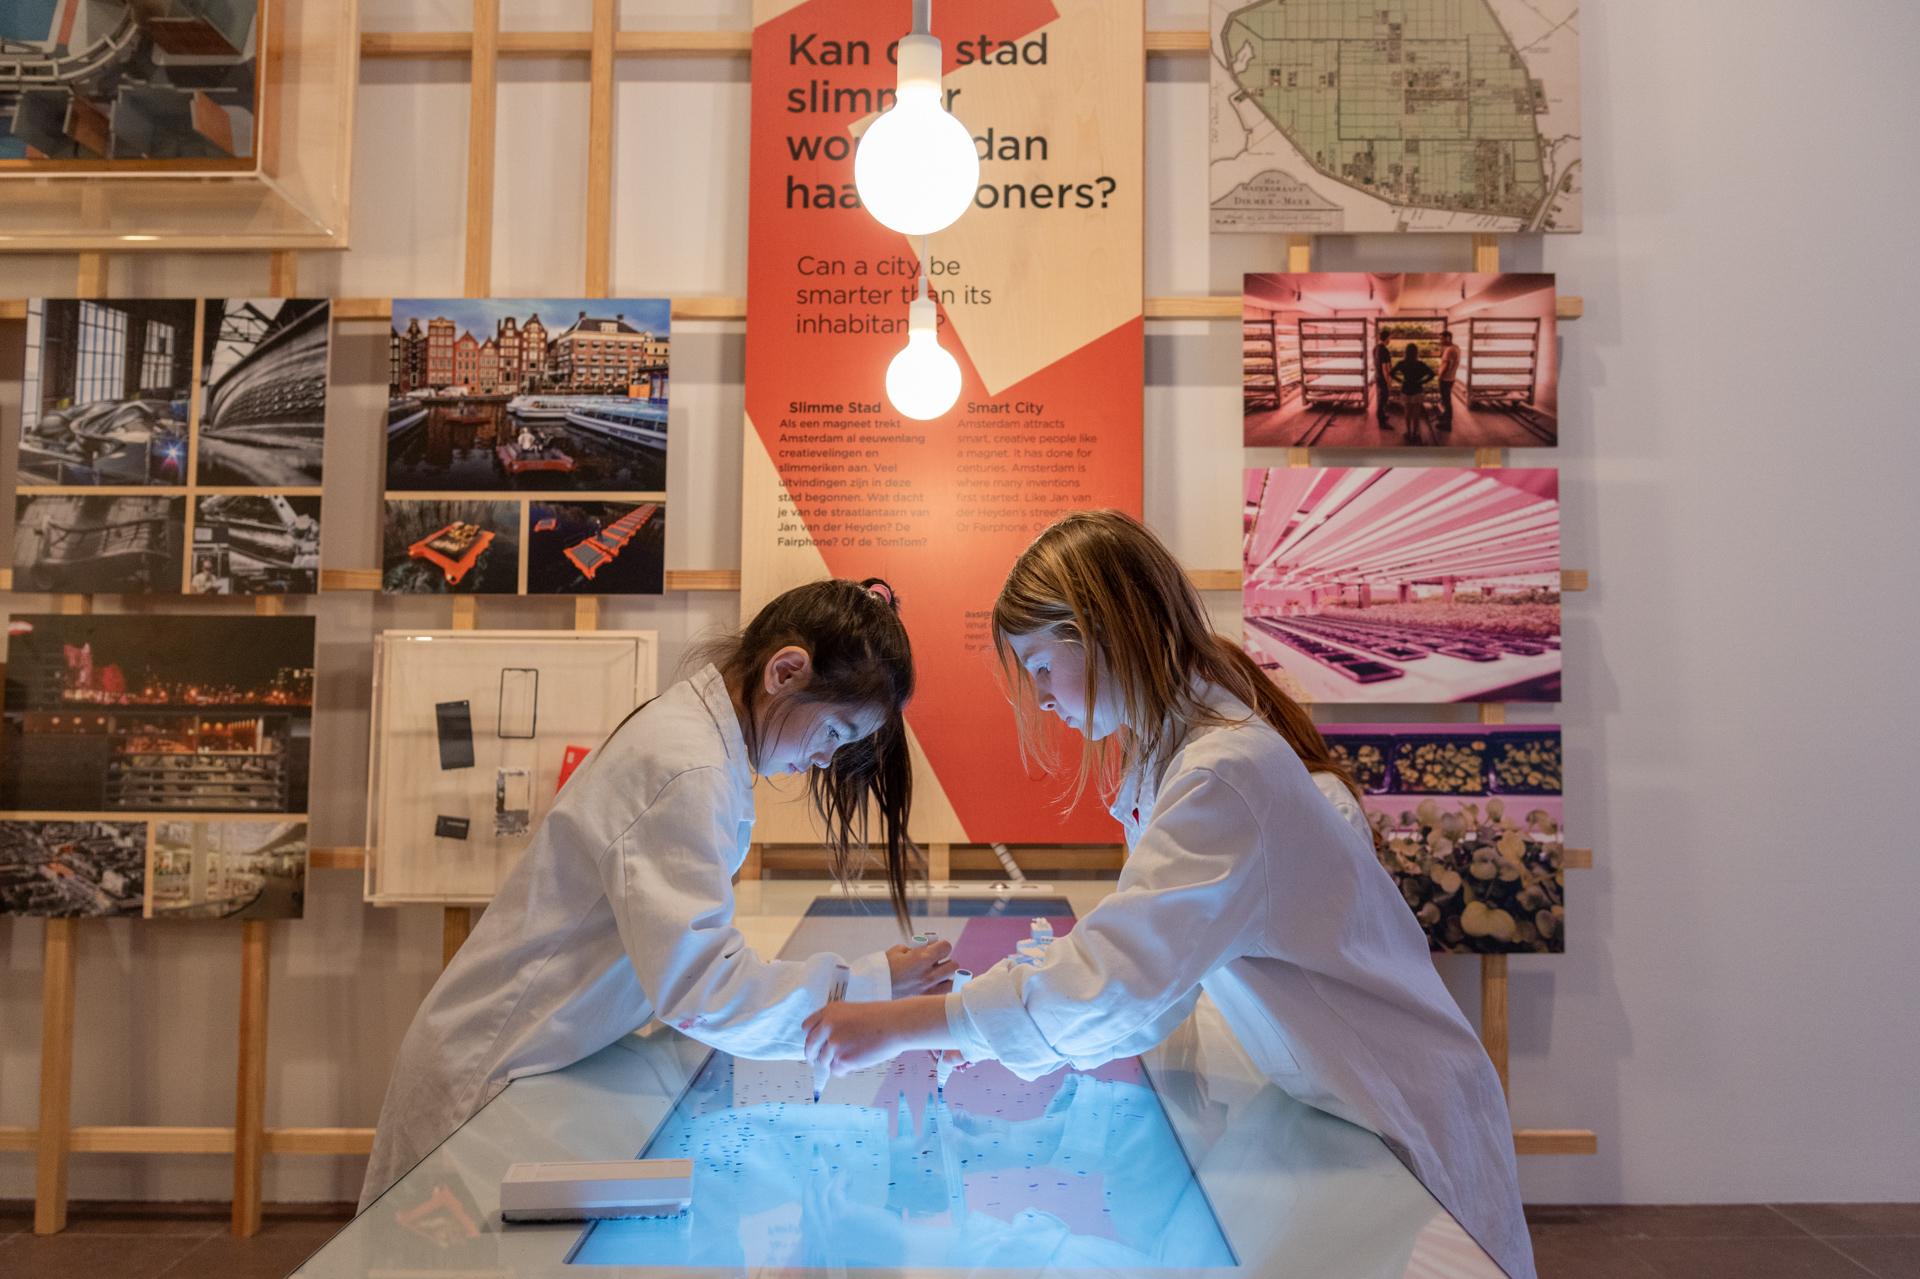 tentoonstellingsontwerp stadslab2 amsterdam museum 6 jpg